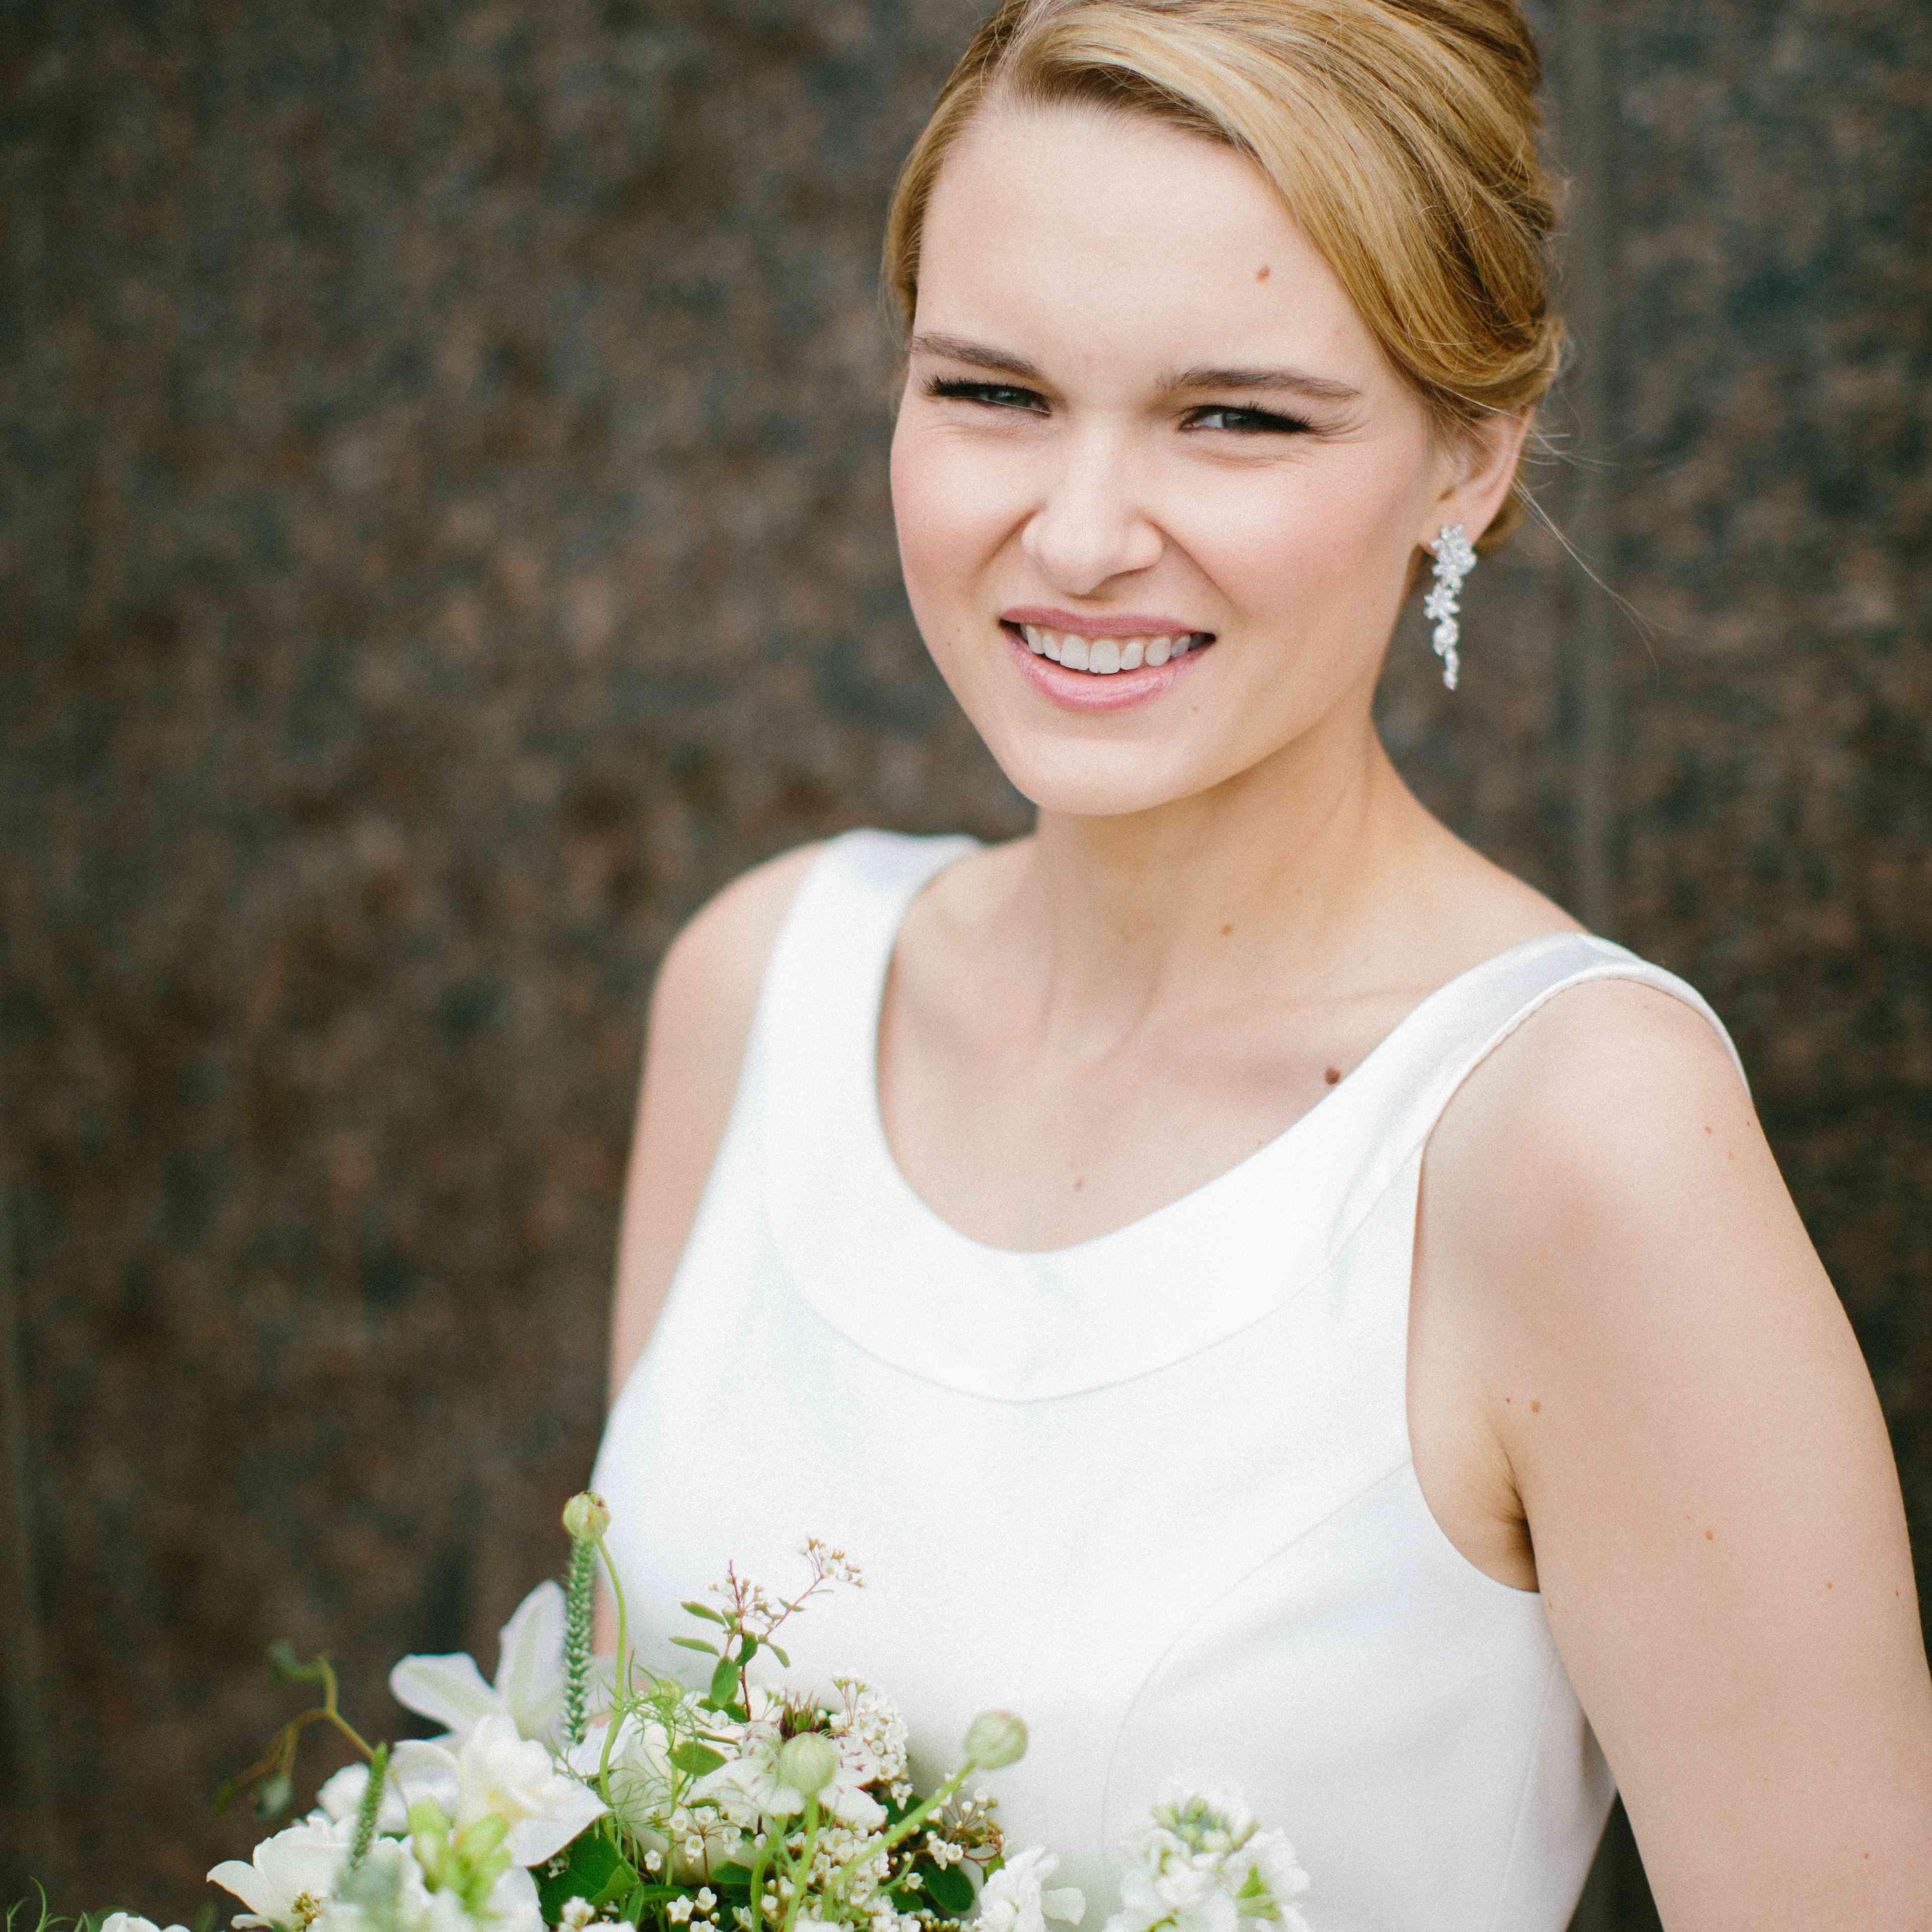 Bride with Chignon Updo